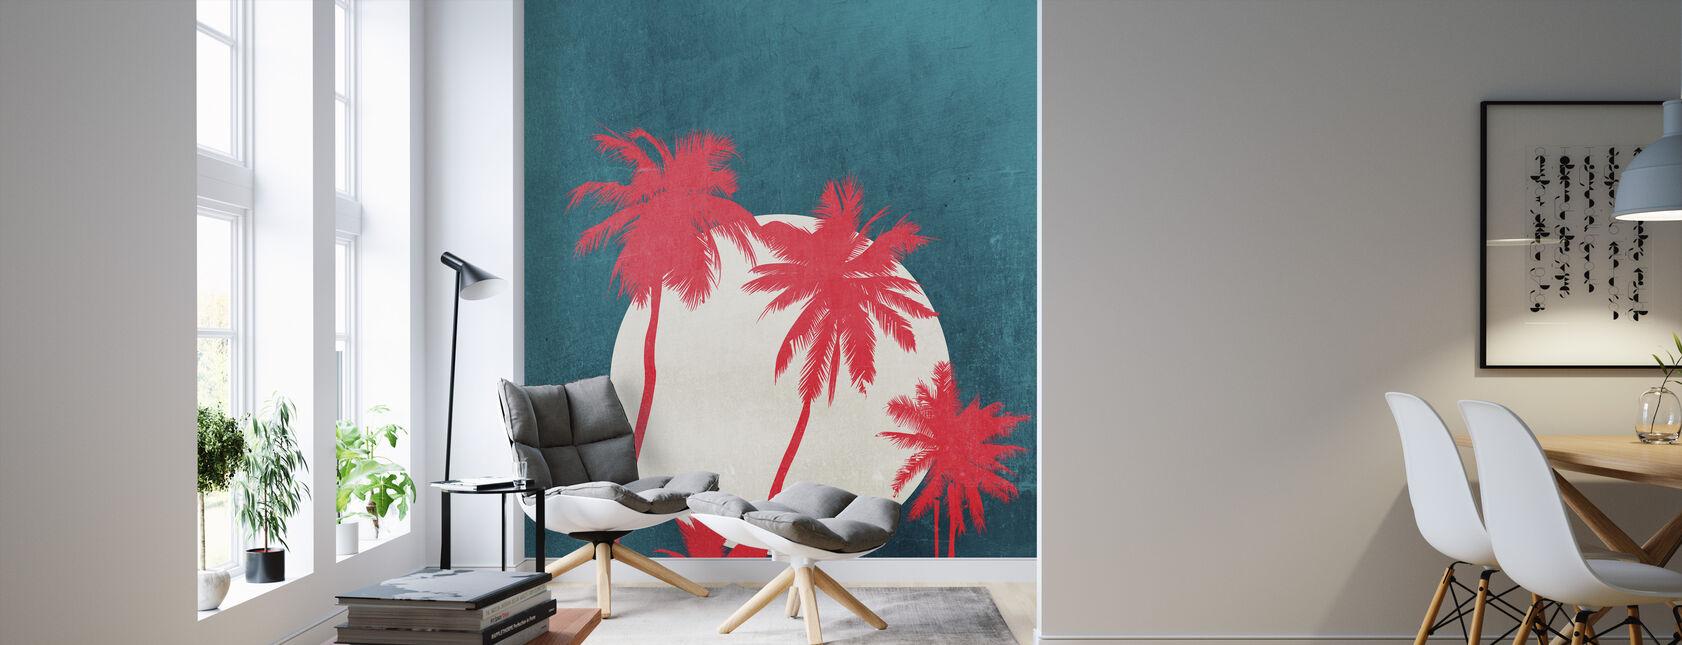 La Palma Moonshine - Wallpaper - Living Room